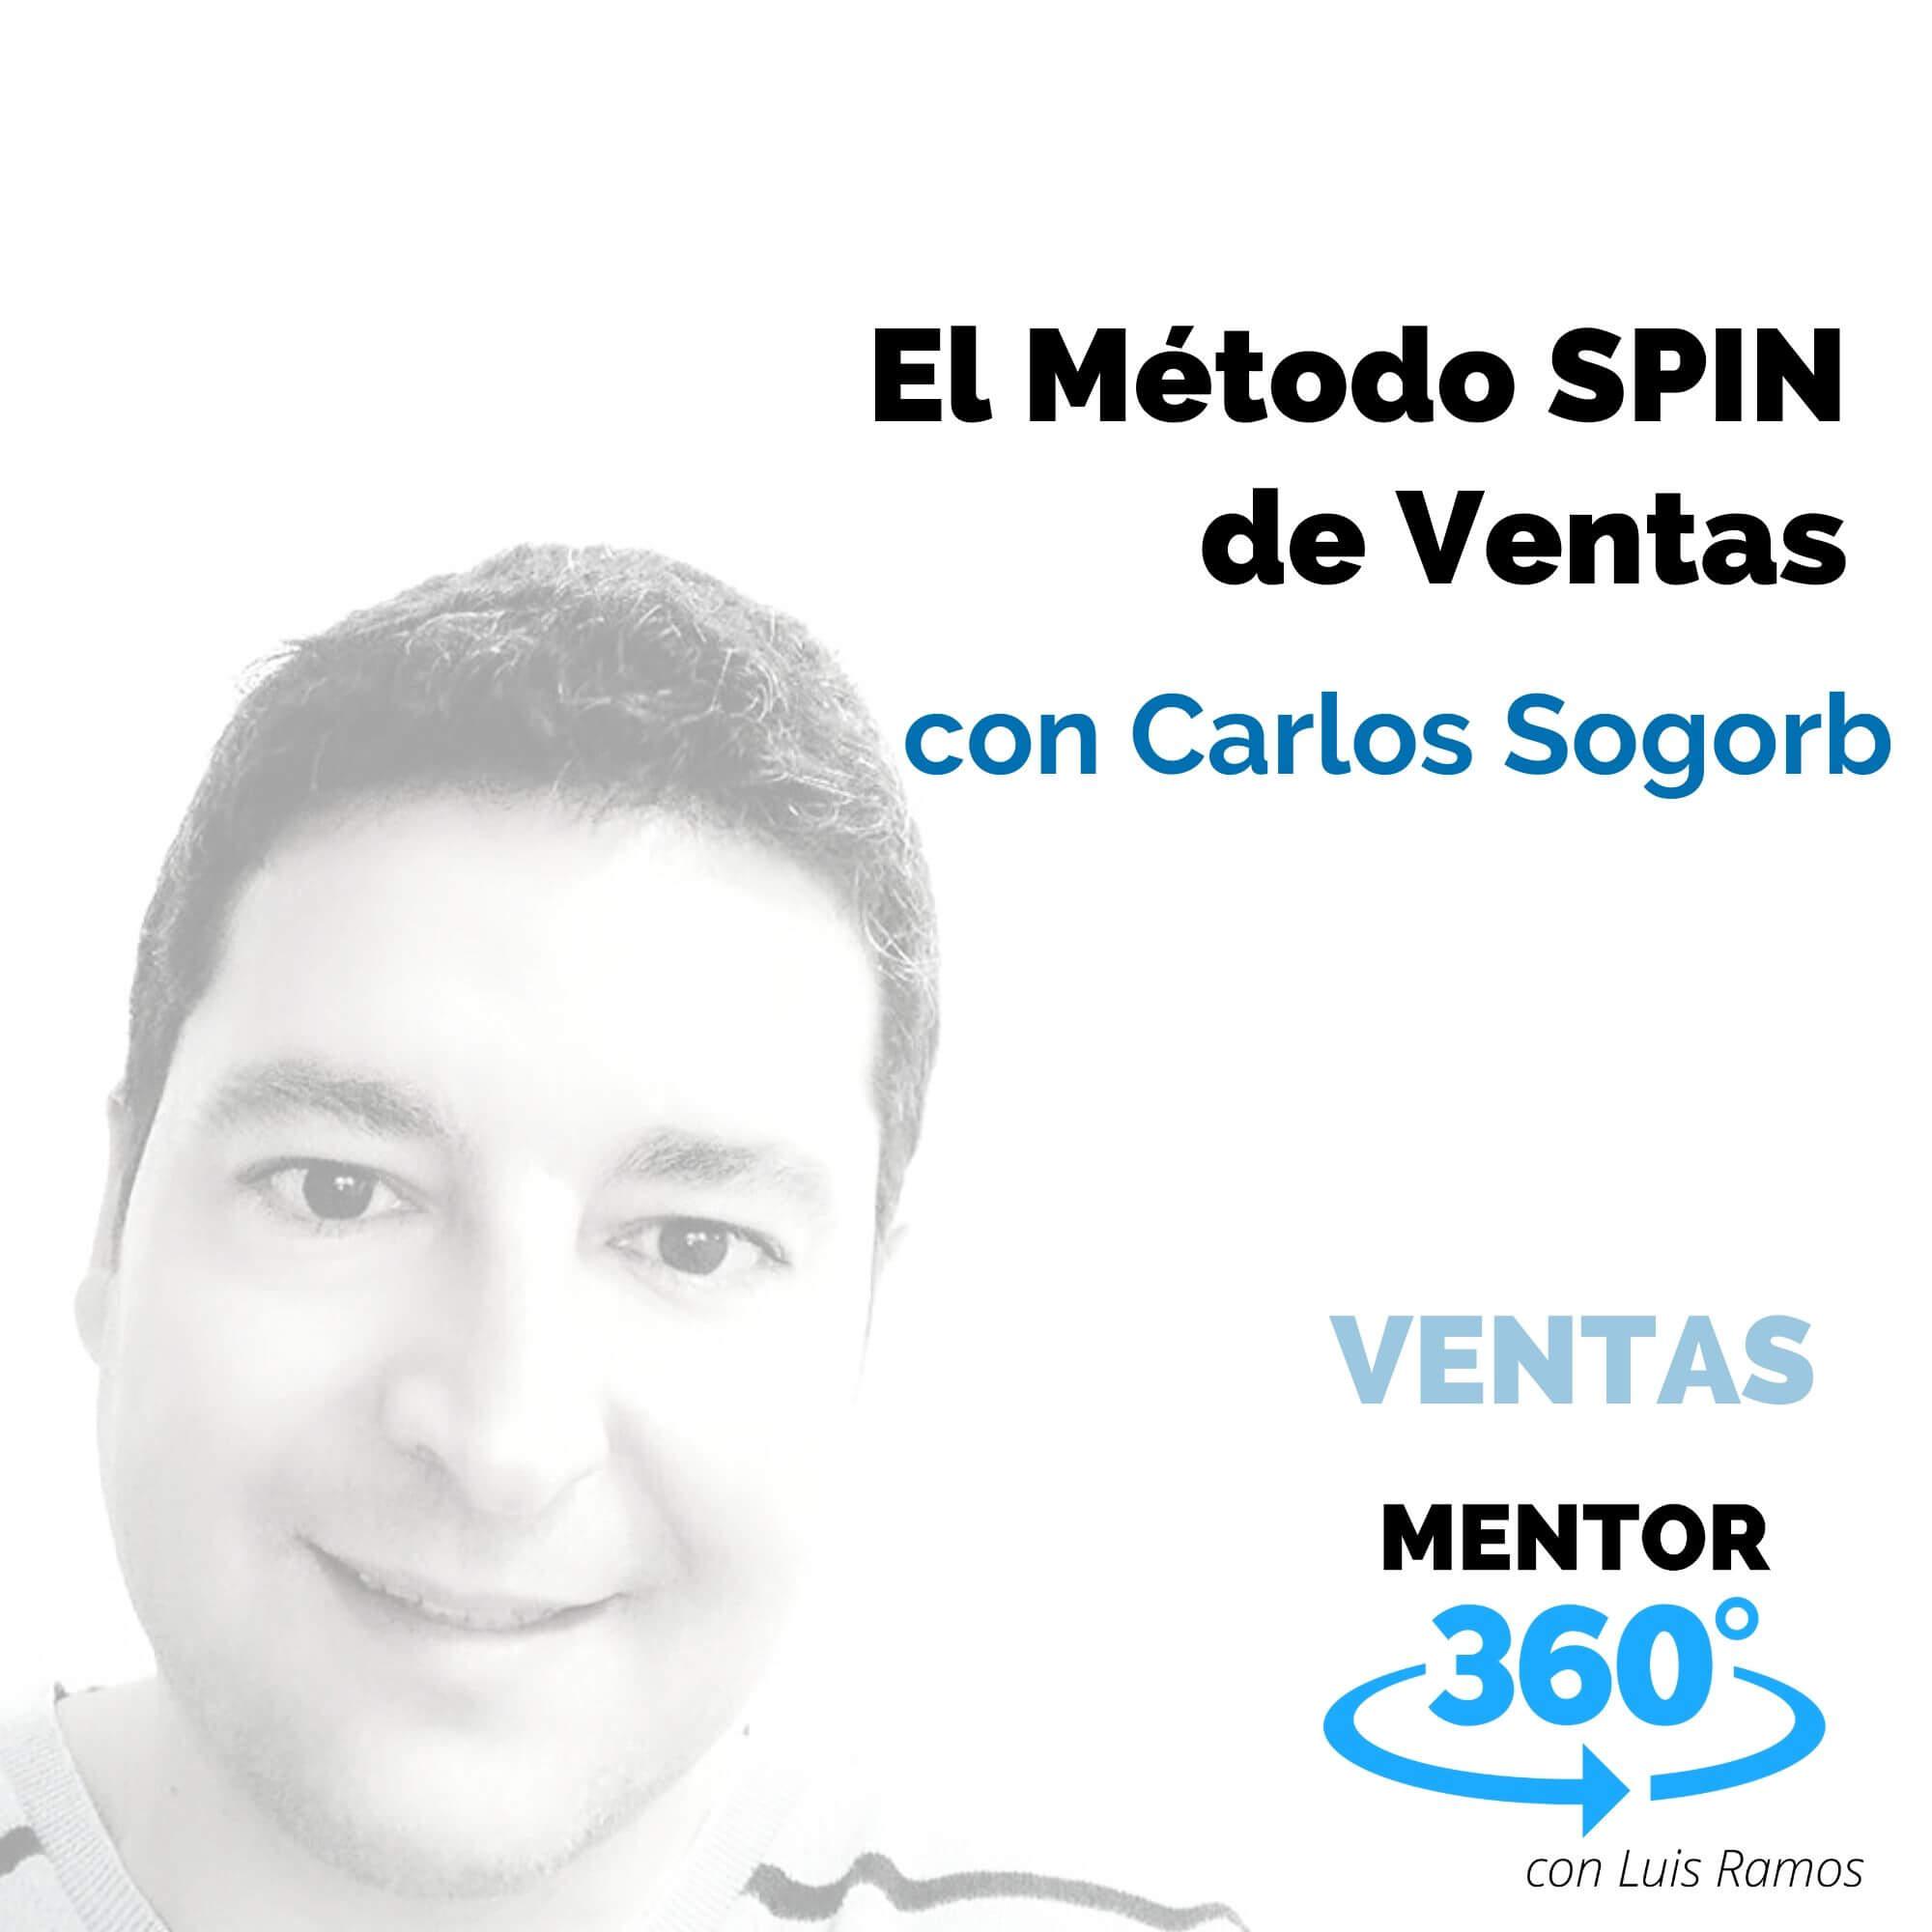 El Método SPIN de Ventas, con Carlos Sogorb - VENTAS